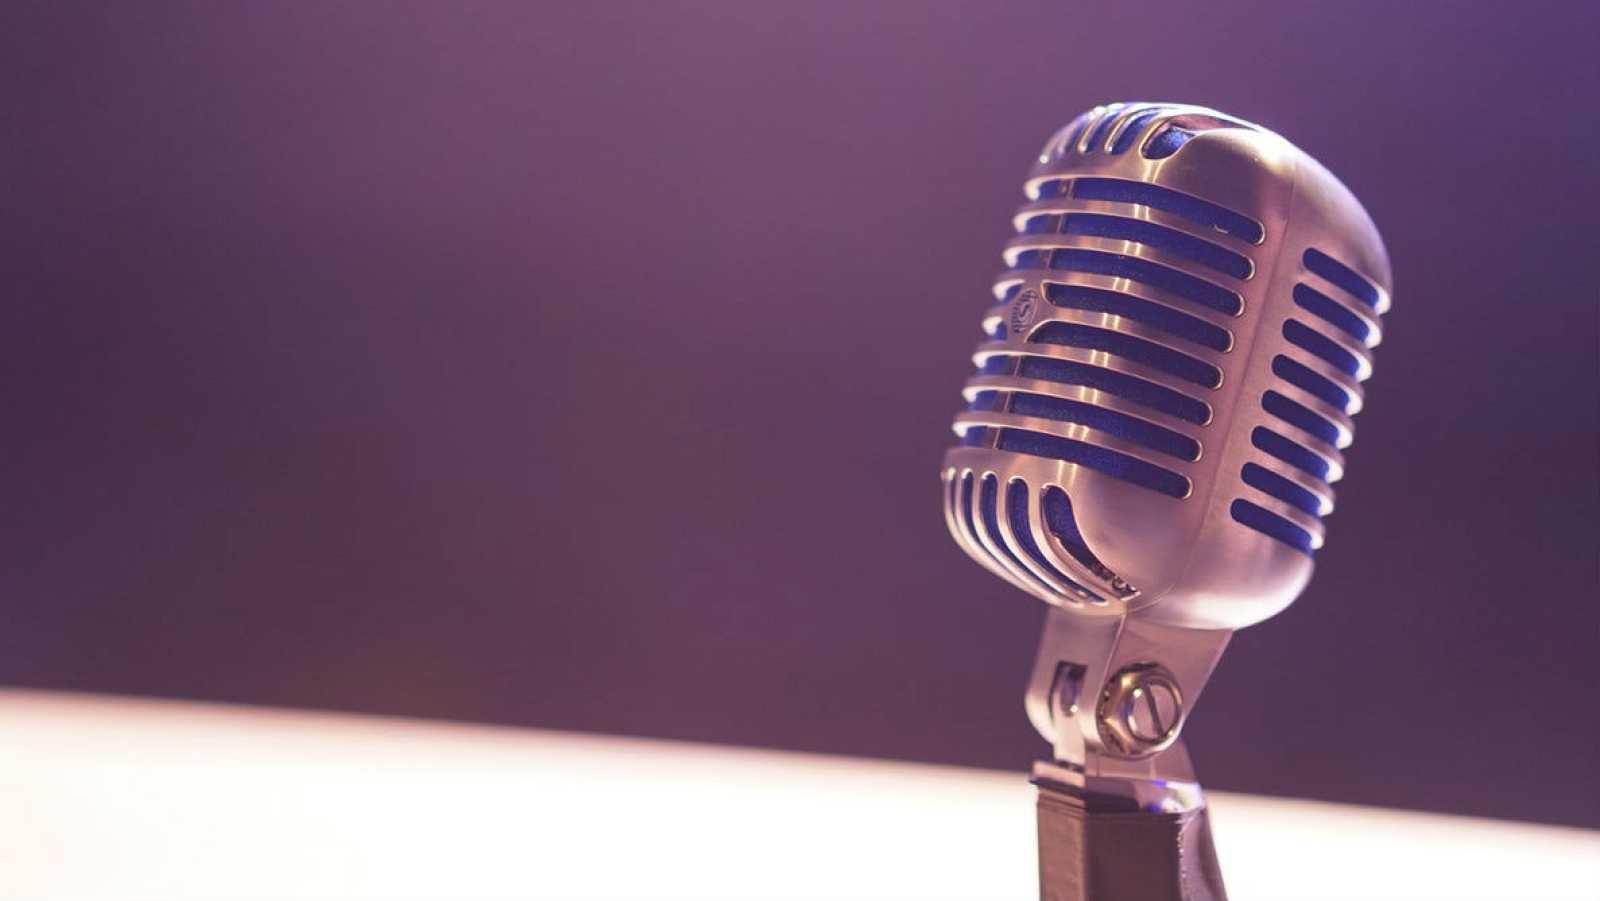 La tertulia - Música y feminismo - 18/03/18 - escuchar ahora